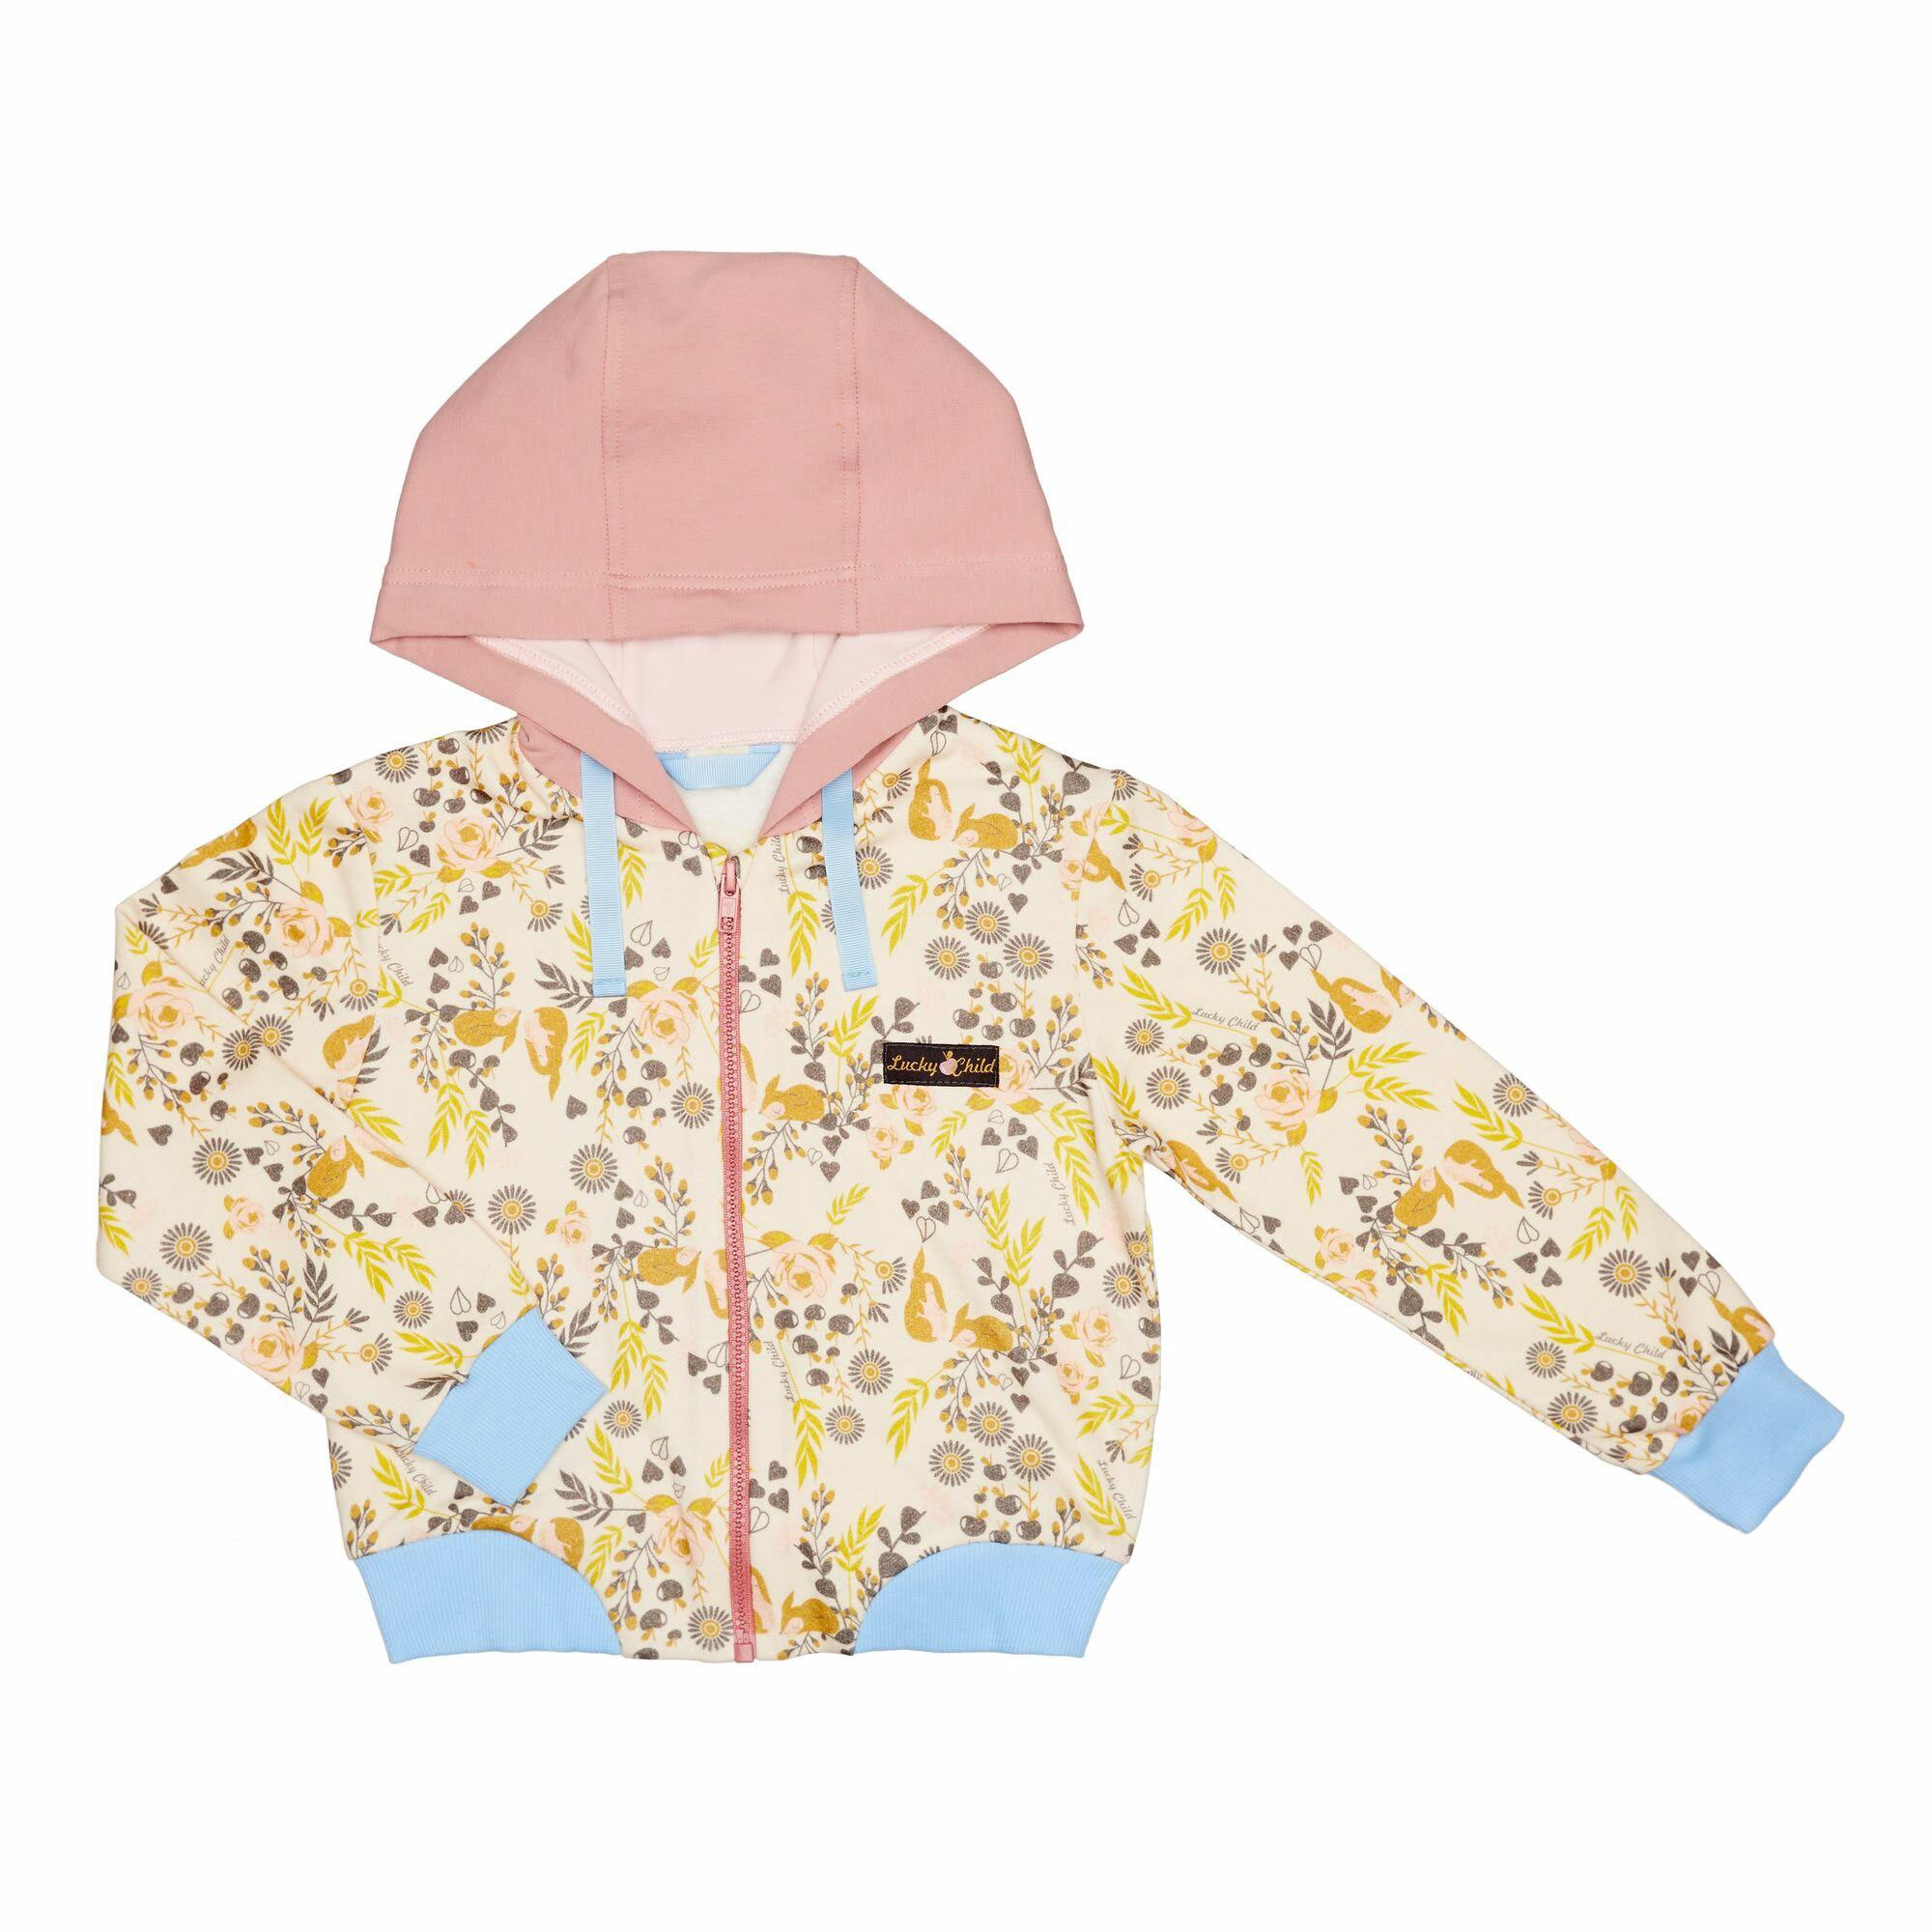 Купить Куртка на молнии Lucky Child Осенний лес 98-104, Разноцветный, Футер, Для девочек, Осень-Зима,